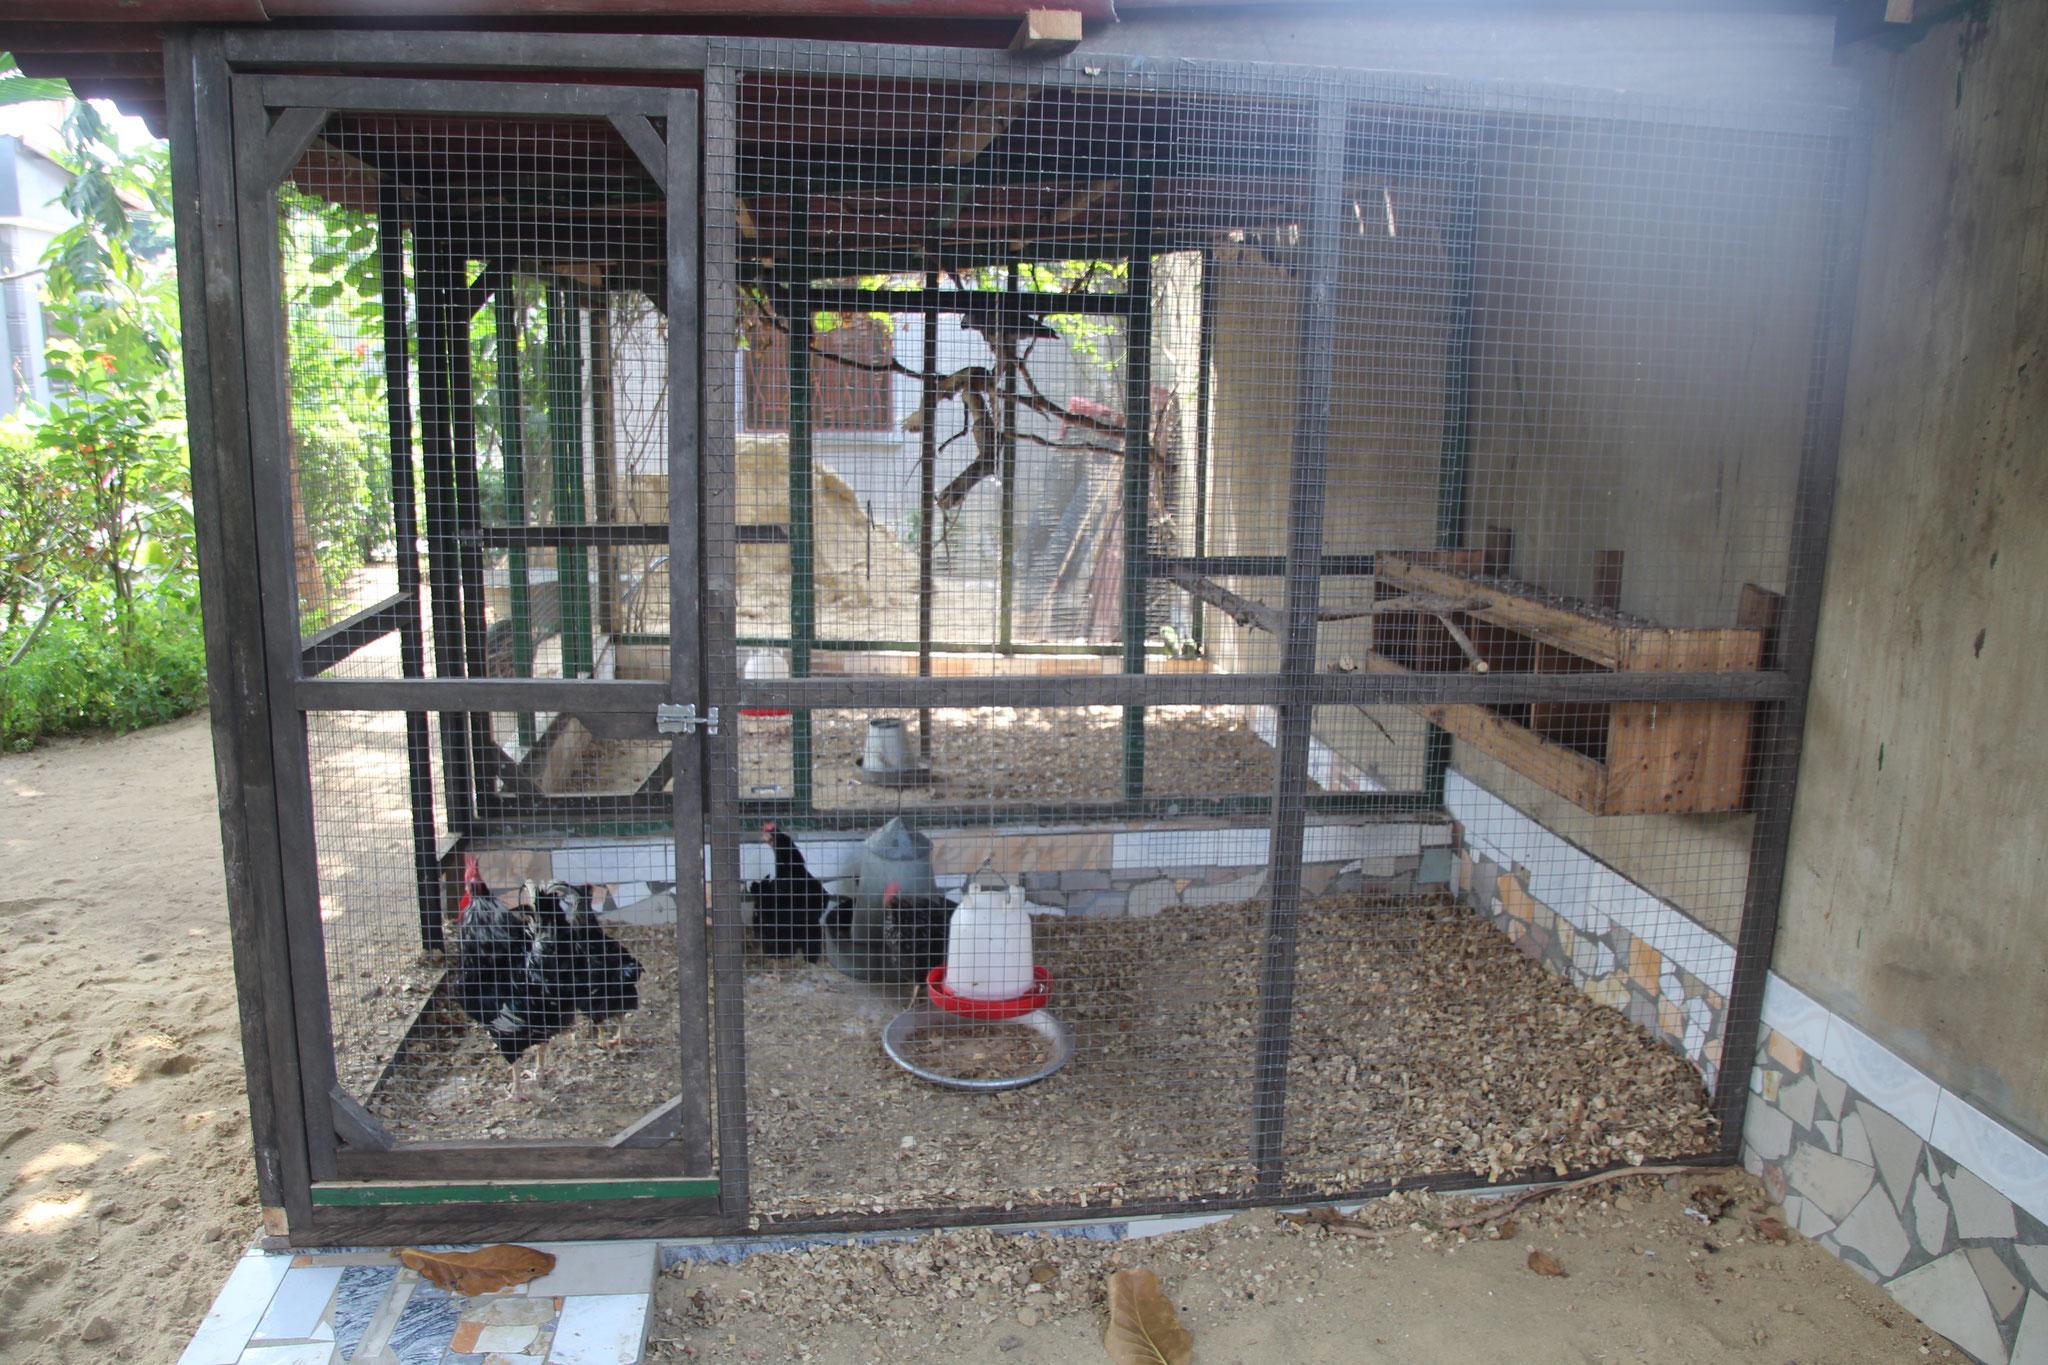 Unser neues nun definitives Käfig der Hühner.